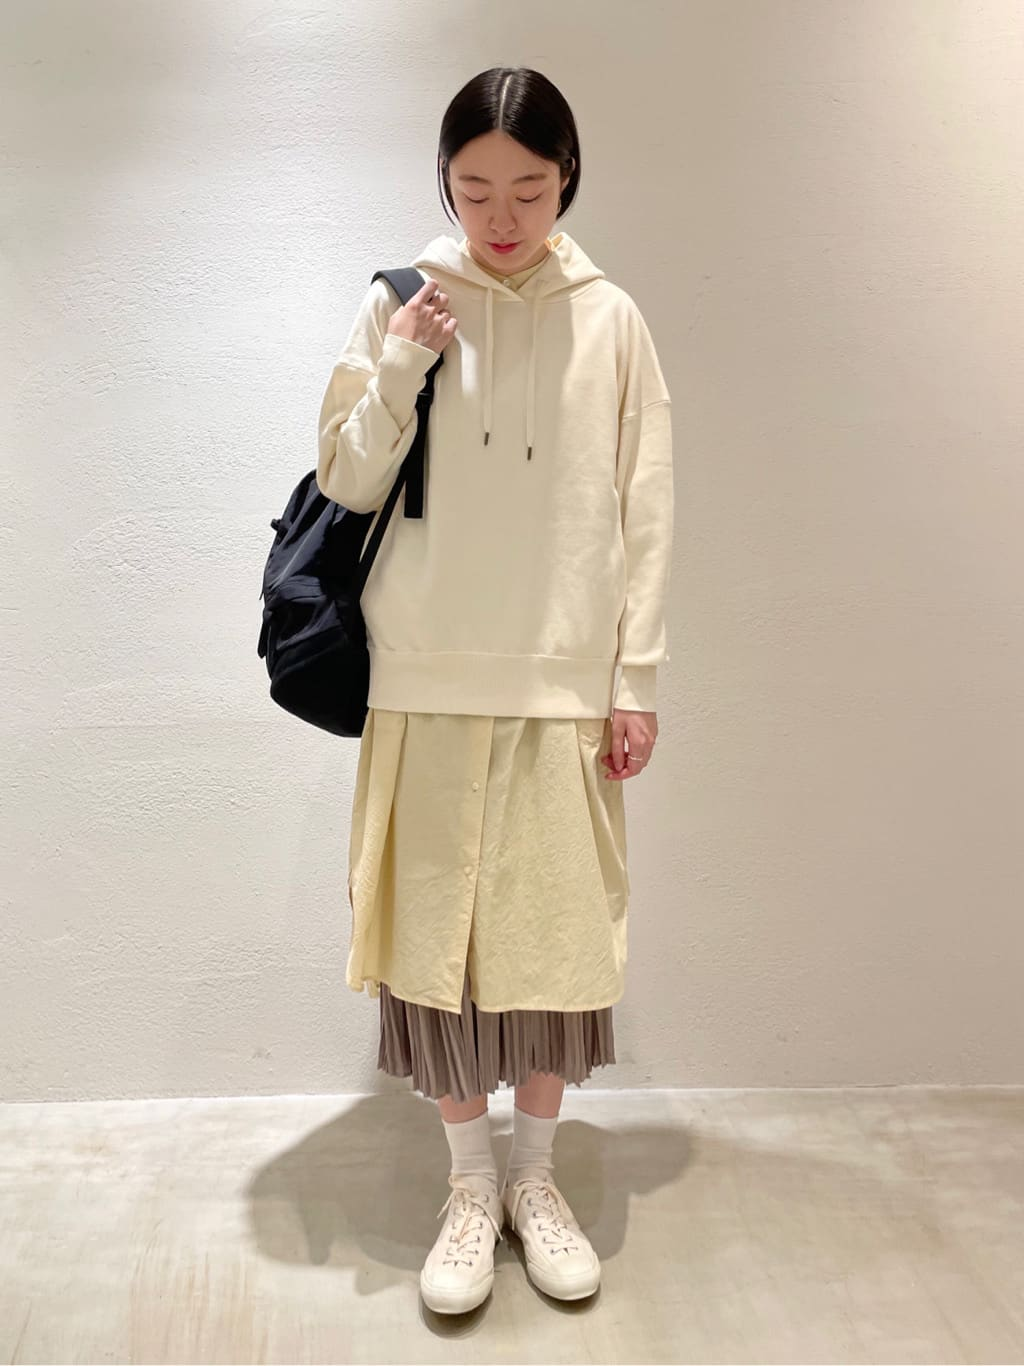 yuni ニュウマン横浜 身長:166cm 2021.09.10